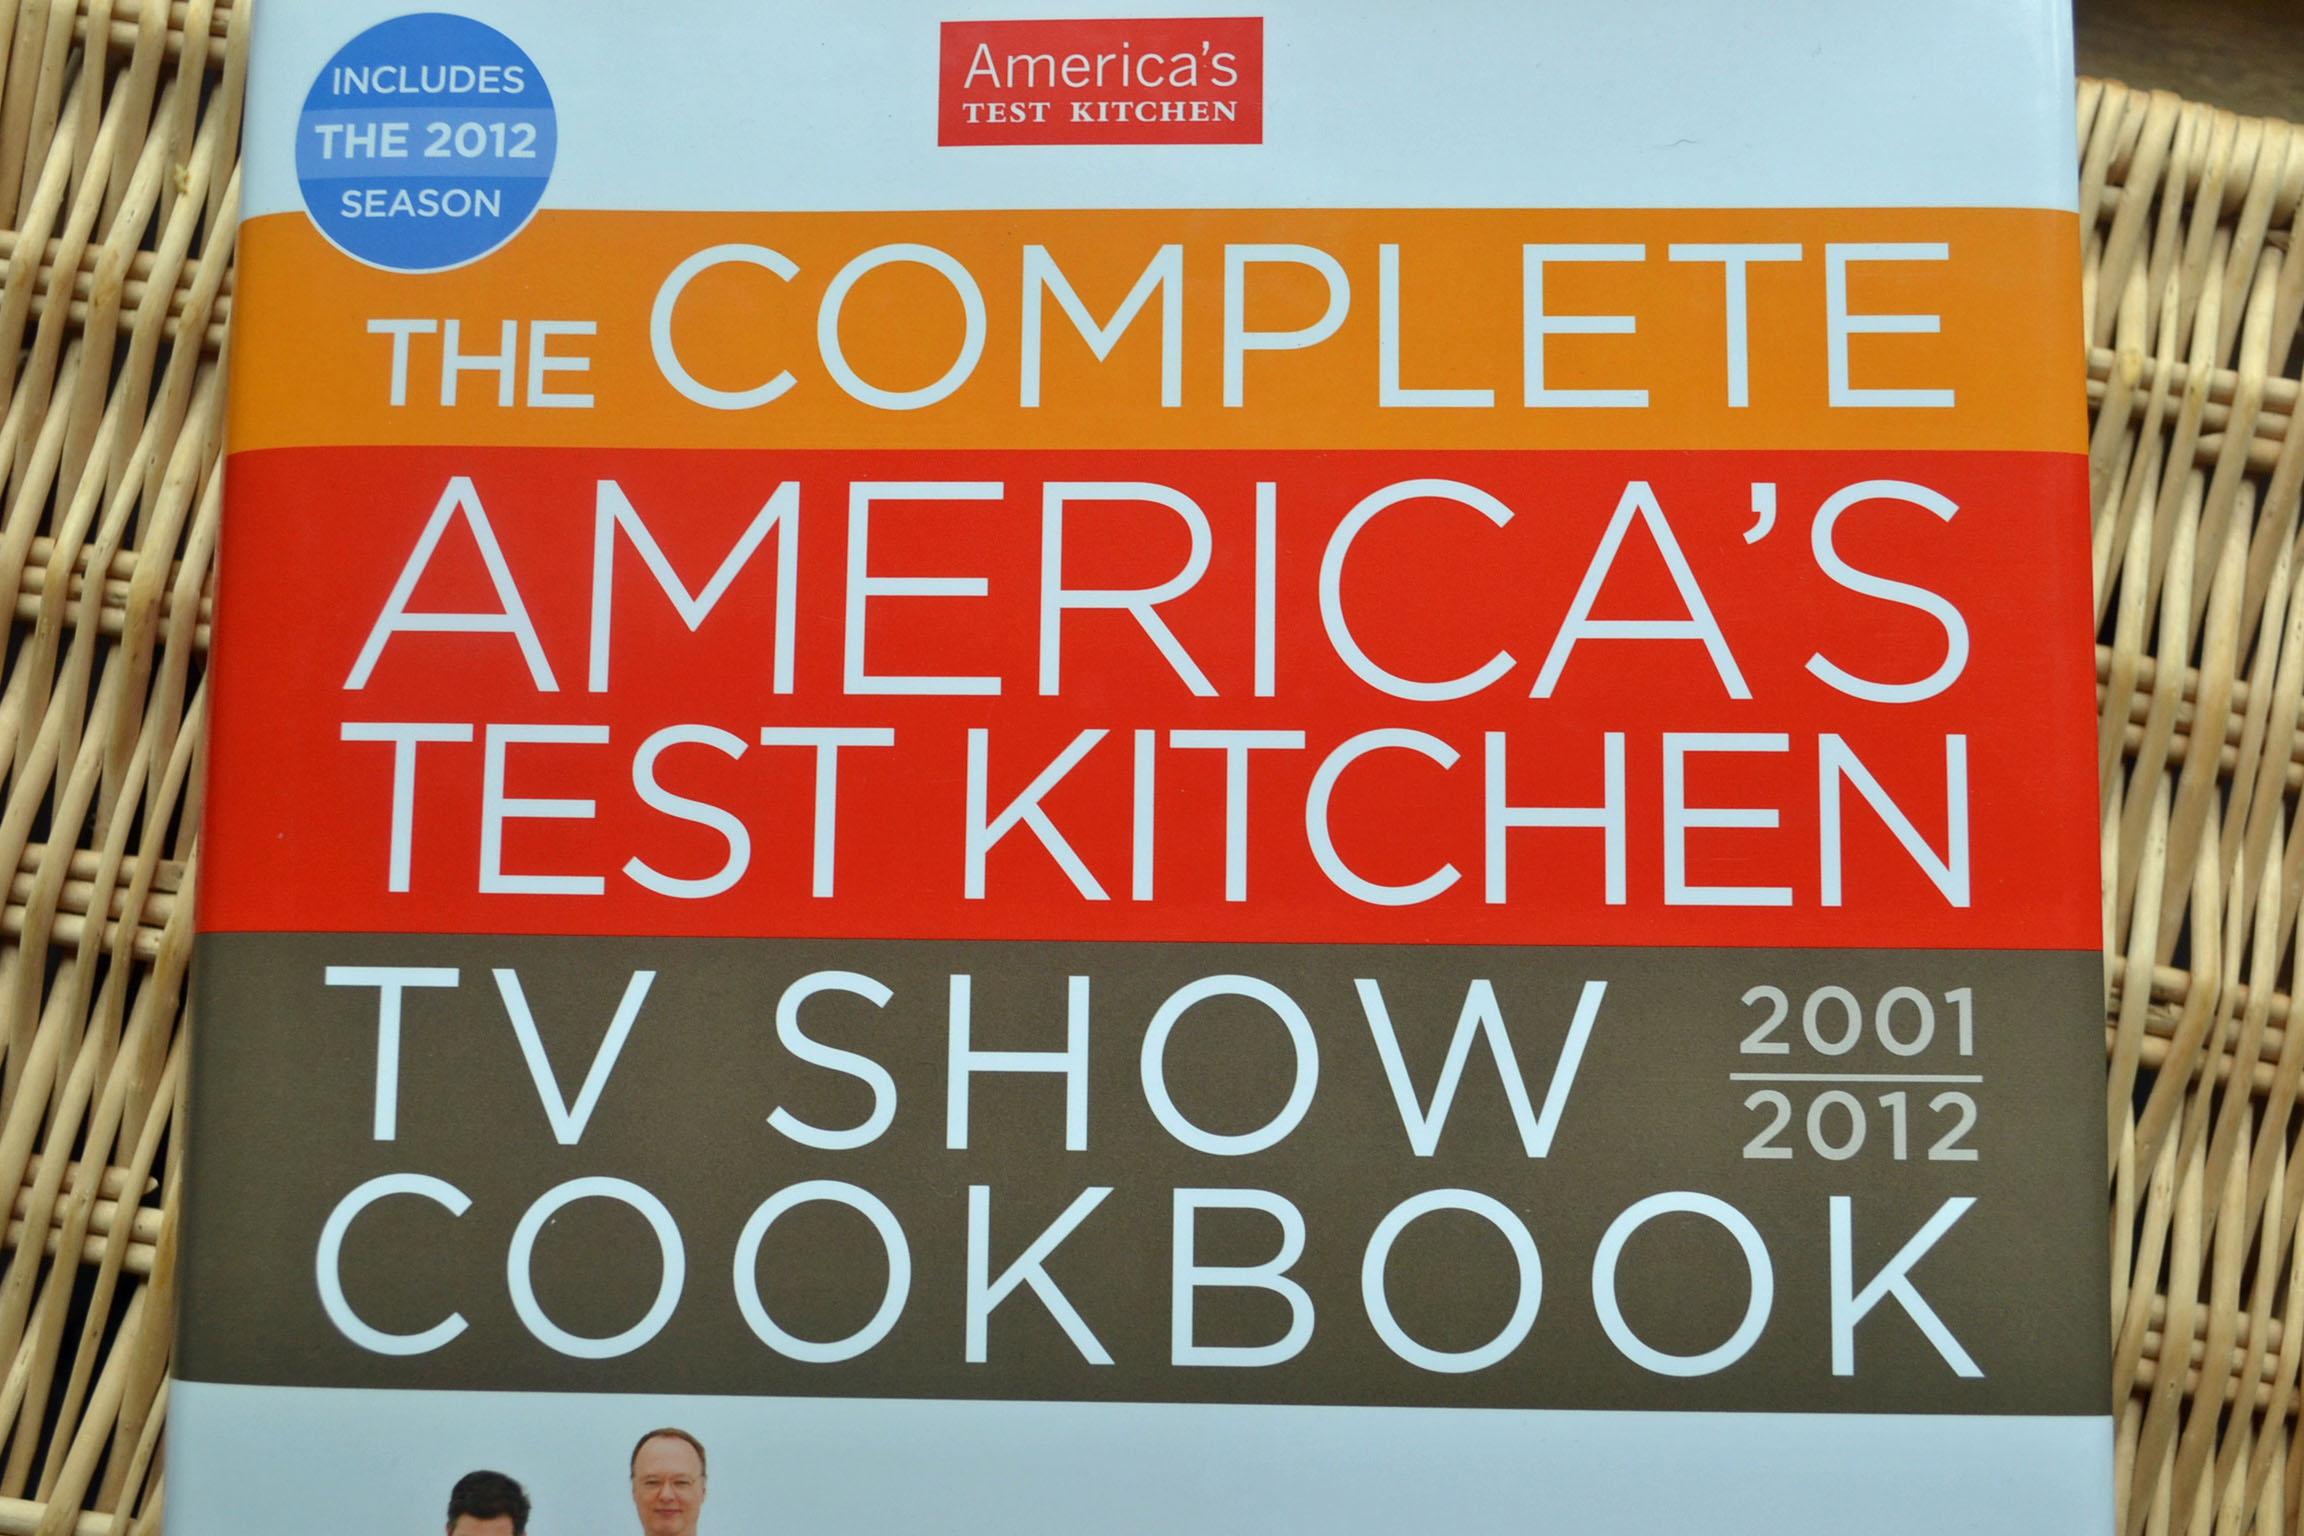 Lighter corn chowder my bizzy kitchen for America test kitchen gift ideas